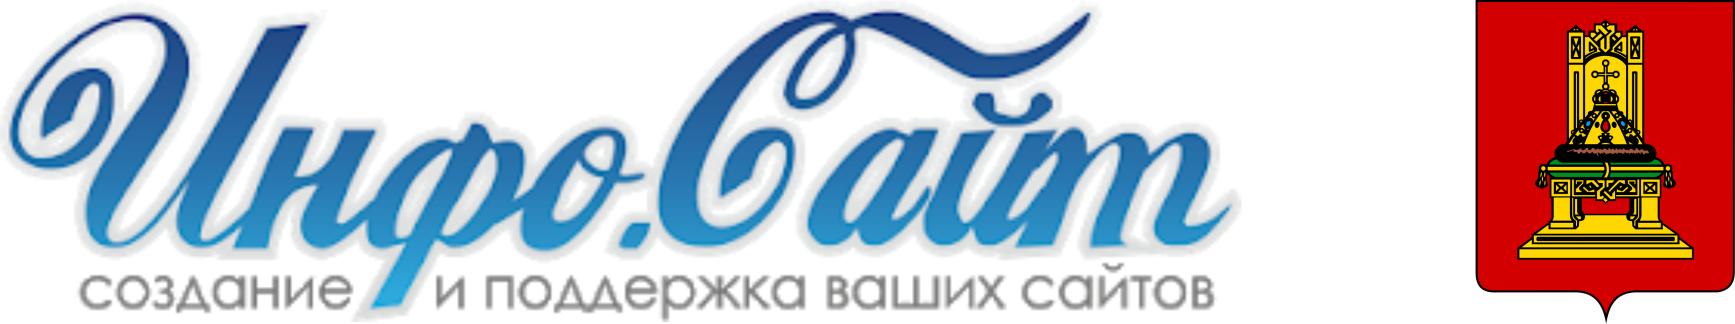 Тверская область 🌍 ИнфоСайт : Новости и объявления Тверской области